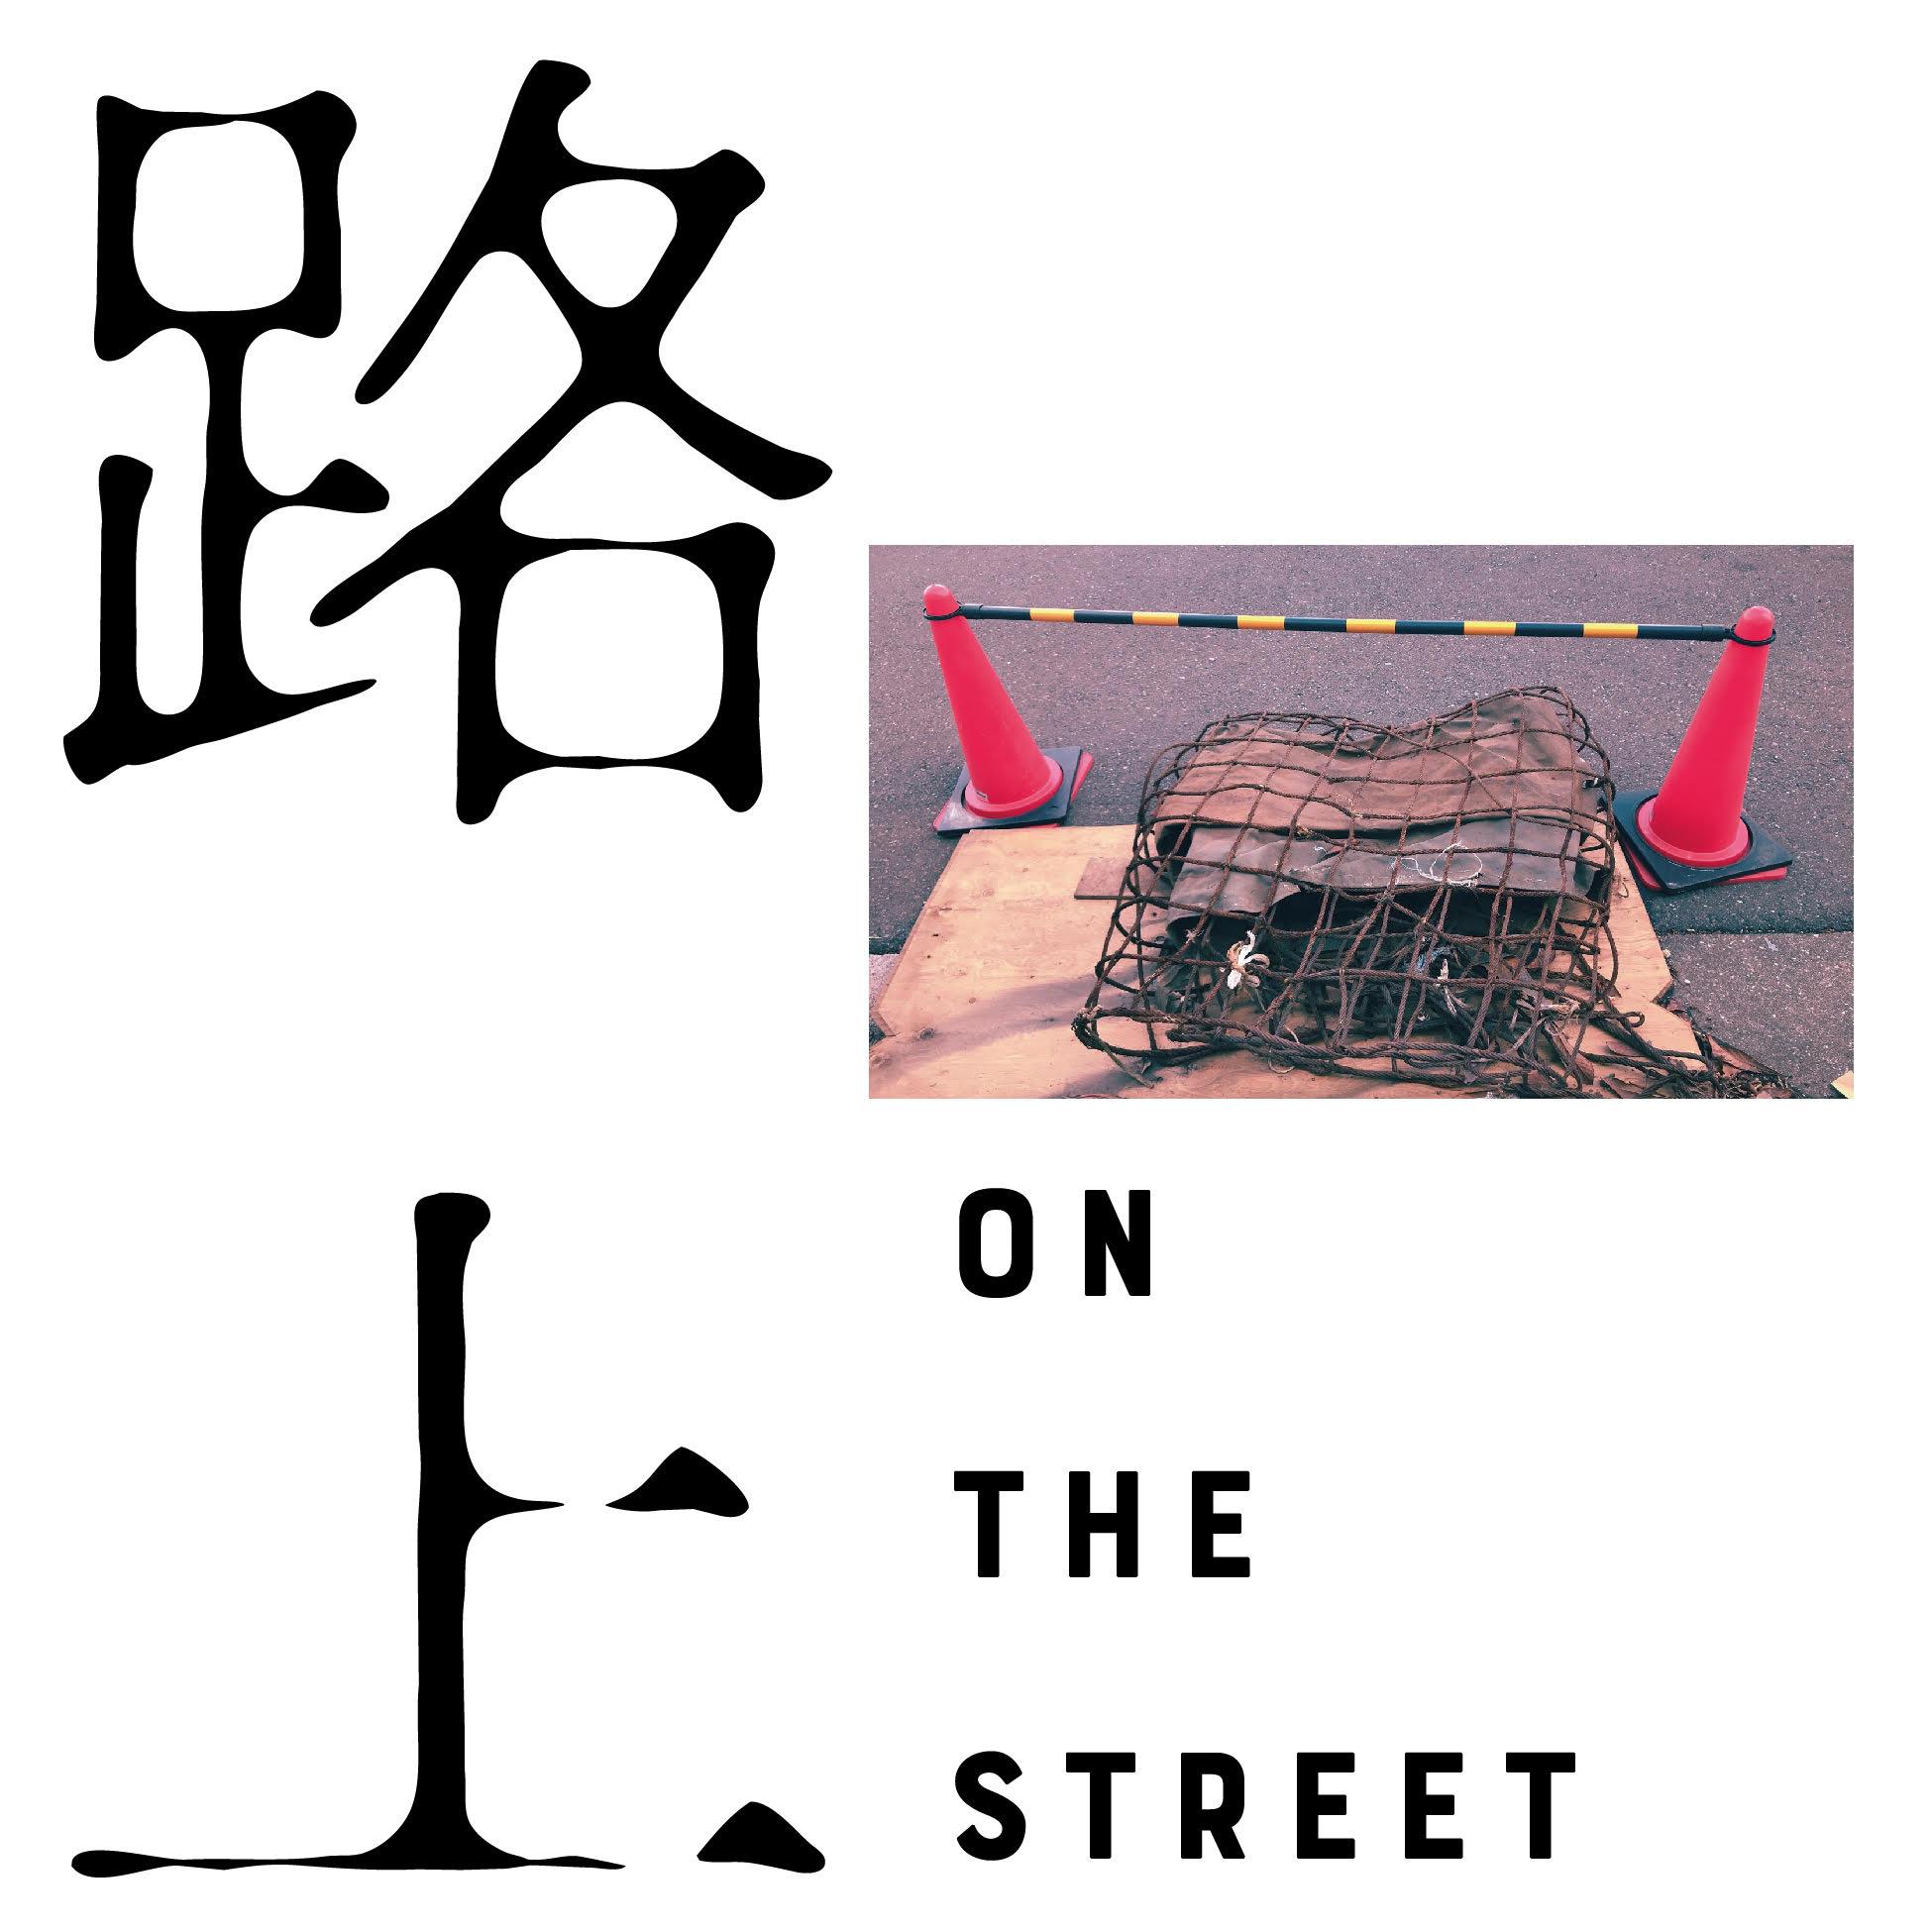 「路上 ON THE STREET」特設ページを公開しました!